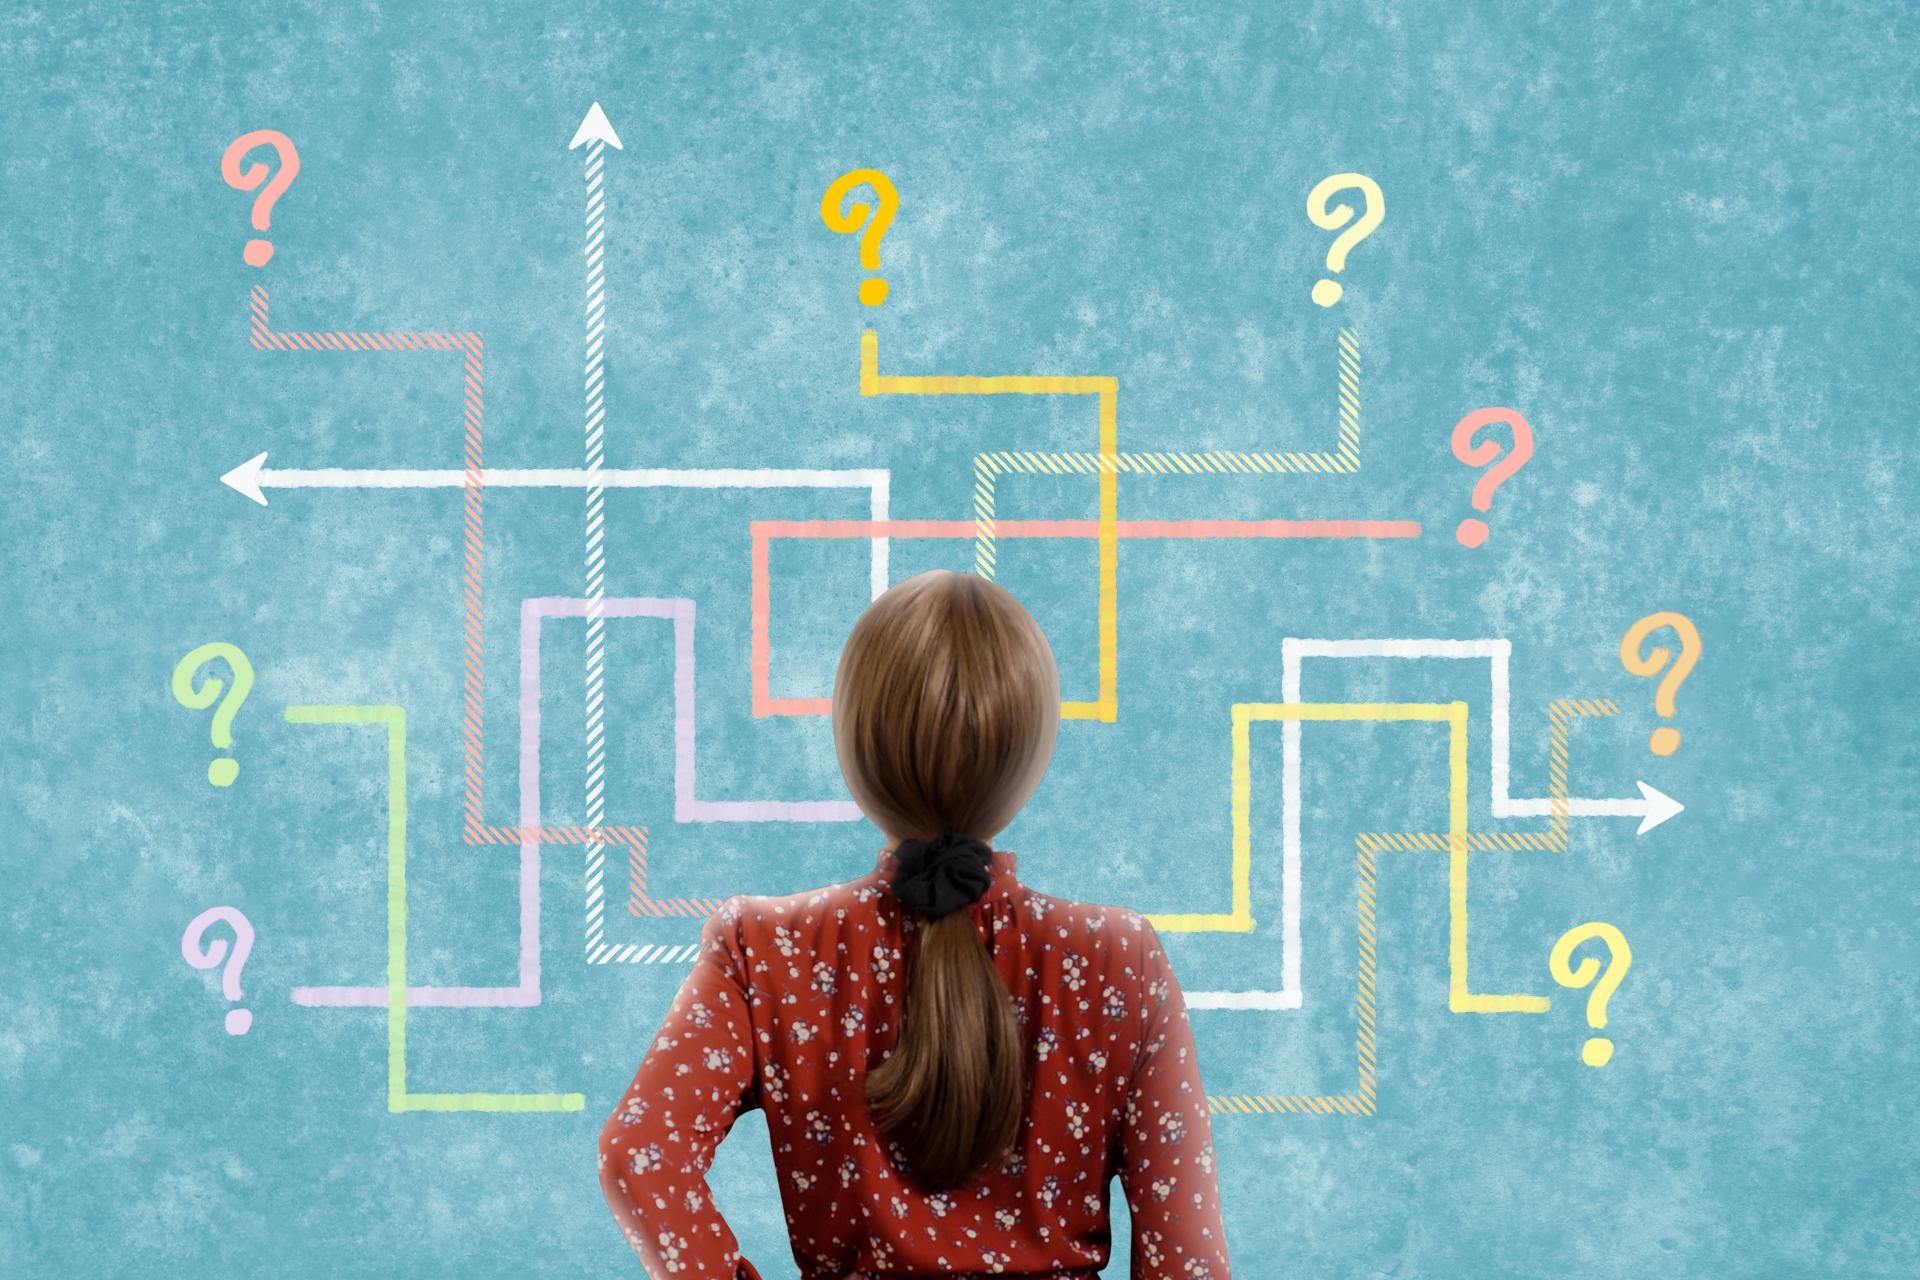 イラストで描かれた複数の選択肢に迷う女性